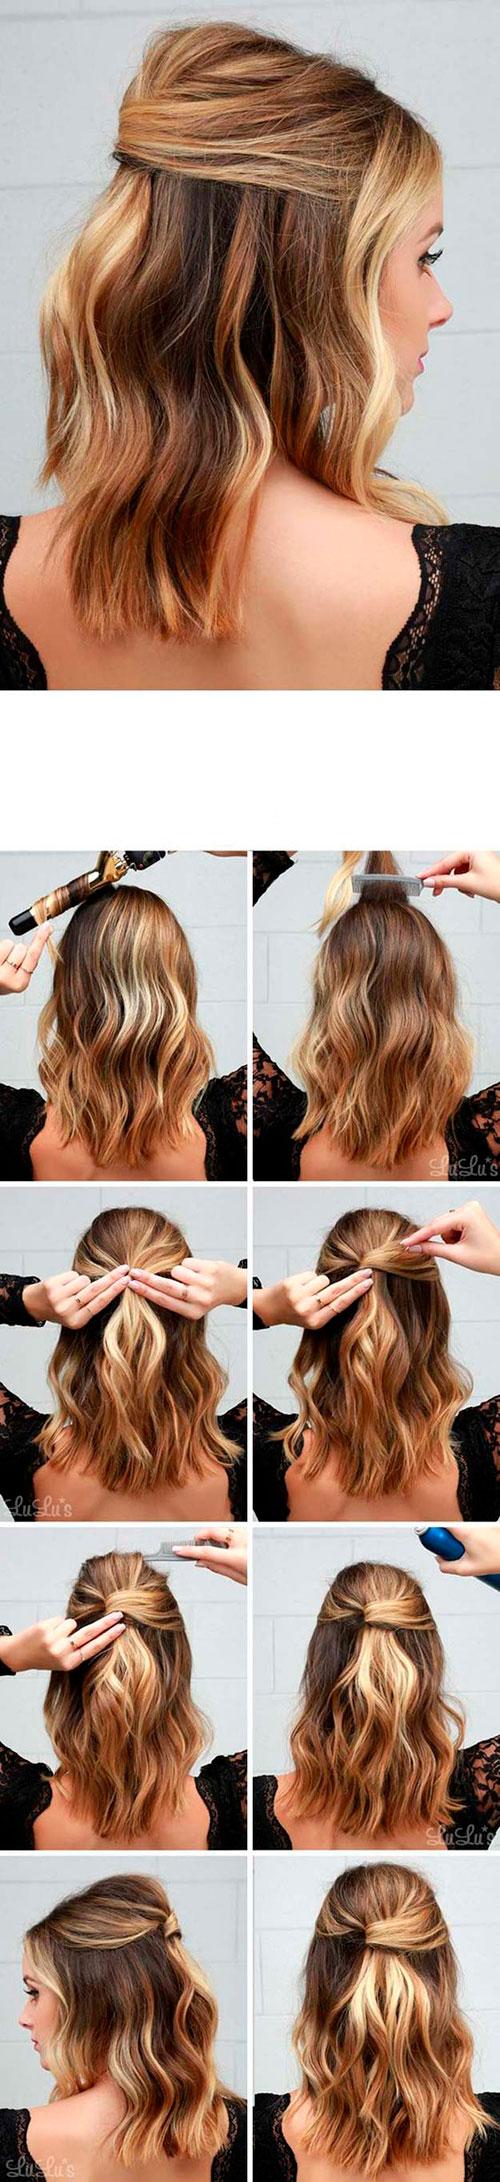 Простые прически на бок на средние волосы своими руками